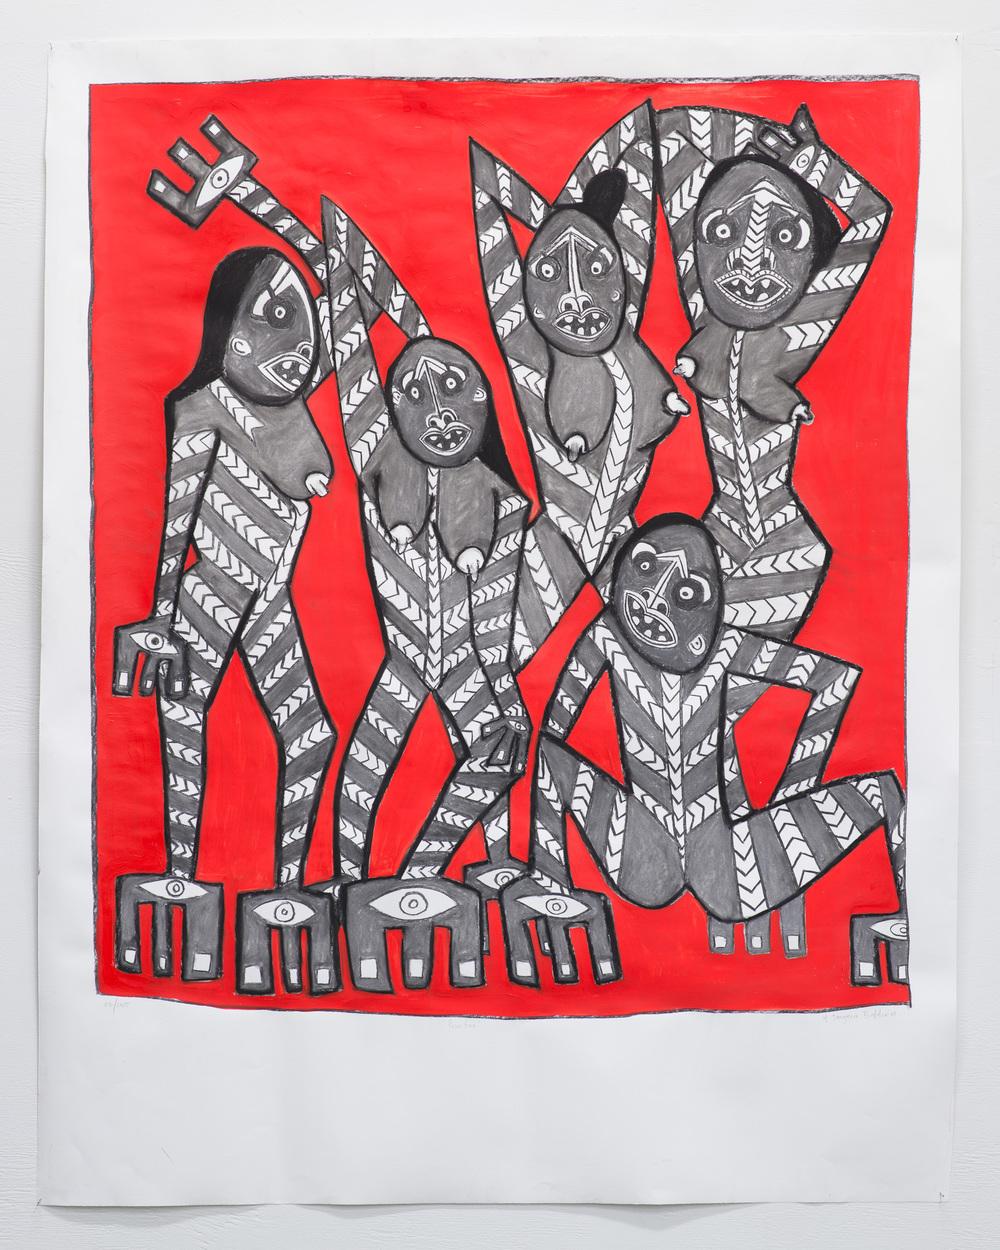 Primitivo  2015  Acrylic on Fabriano paper  130 x 120cm